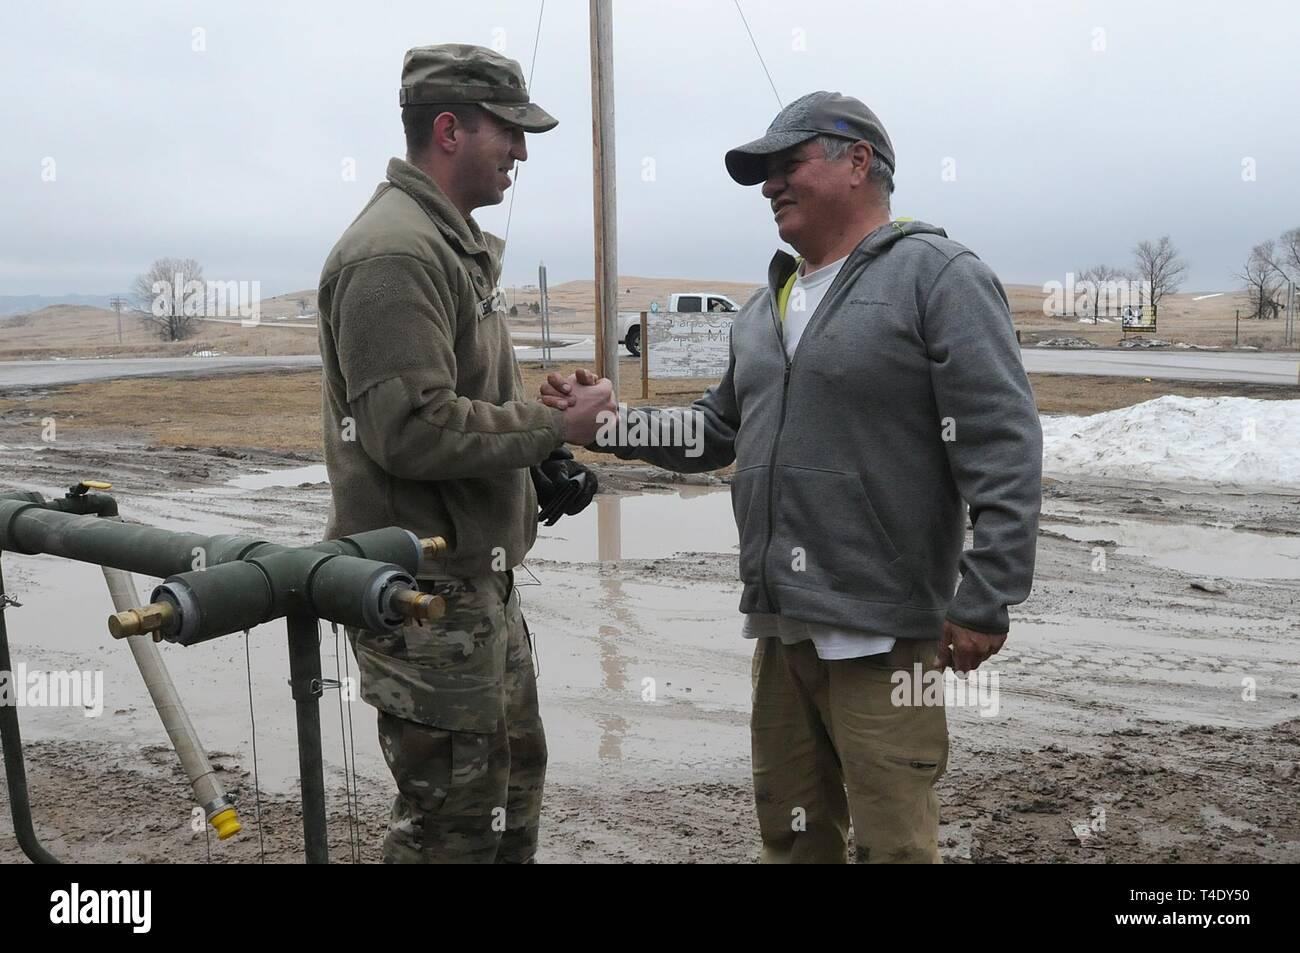 Lester Nube de hierro del Ejército de EE.UU Gracias Spc. Tracy Lennick, en compañía de un batallón de apoyo, la Brigada 139, de la Guardia Nacional del Ejército de Dakota del Sur, después de recibir agua potable en moyuelos esquina, S.D, en la Reserva de Pine Ridge, 25 de marzo de 2019. Trece soldados SDARNG fueron activados para la obligación del Estado en el condado de Pine Ridge después de una línea de flotación ha fallado debido a inundaciones extremas en siete comunidades dejando a la población sin agua potable en sus hogares. Foto de stock